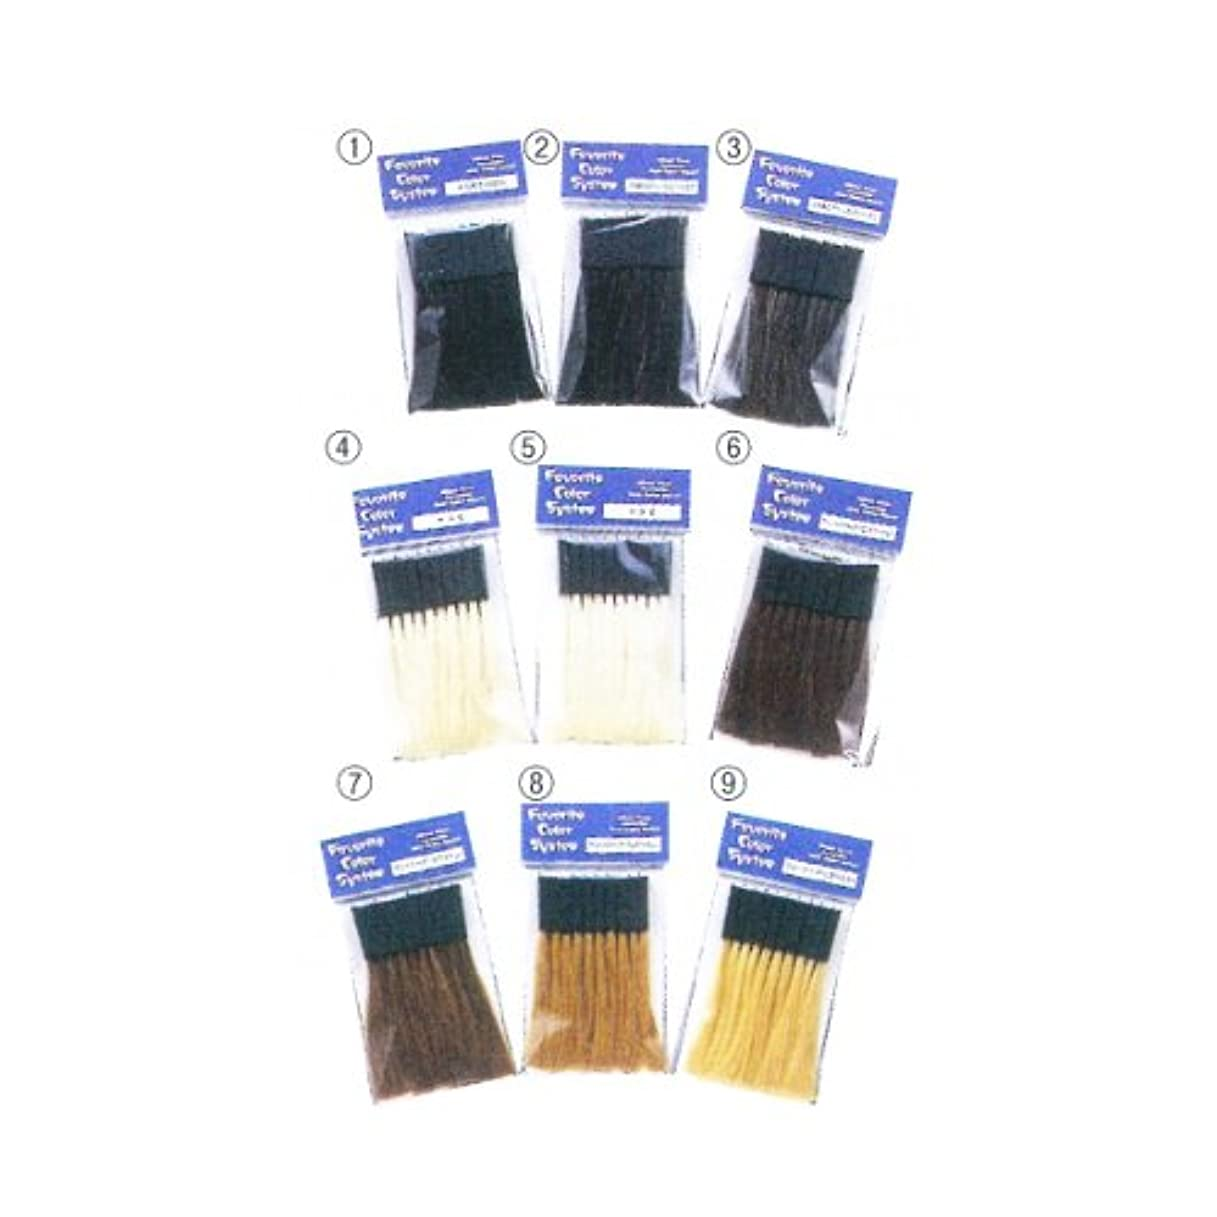 分配します分類寸法フェイバリット カラーシステム(10本入) 4ヤギ毛